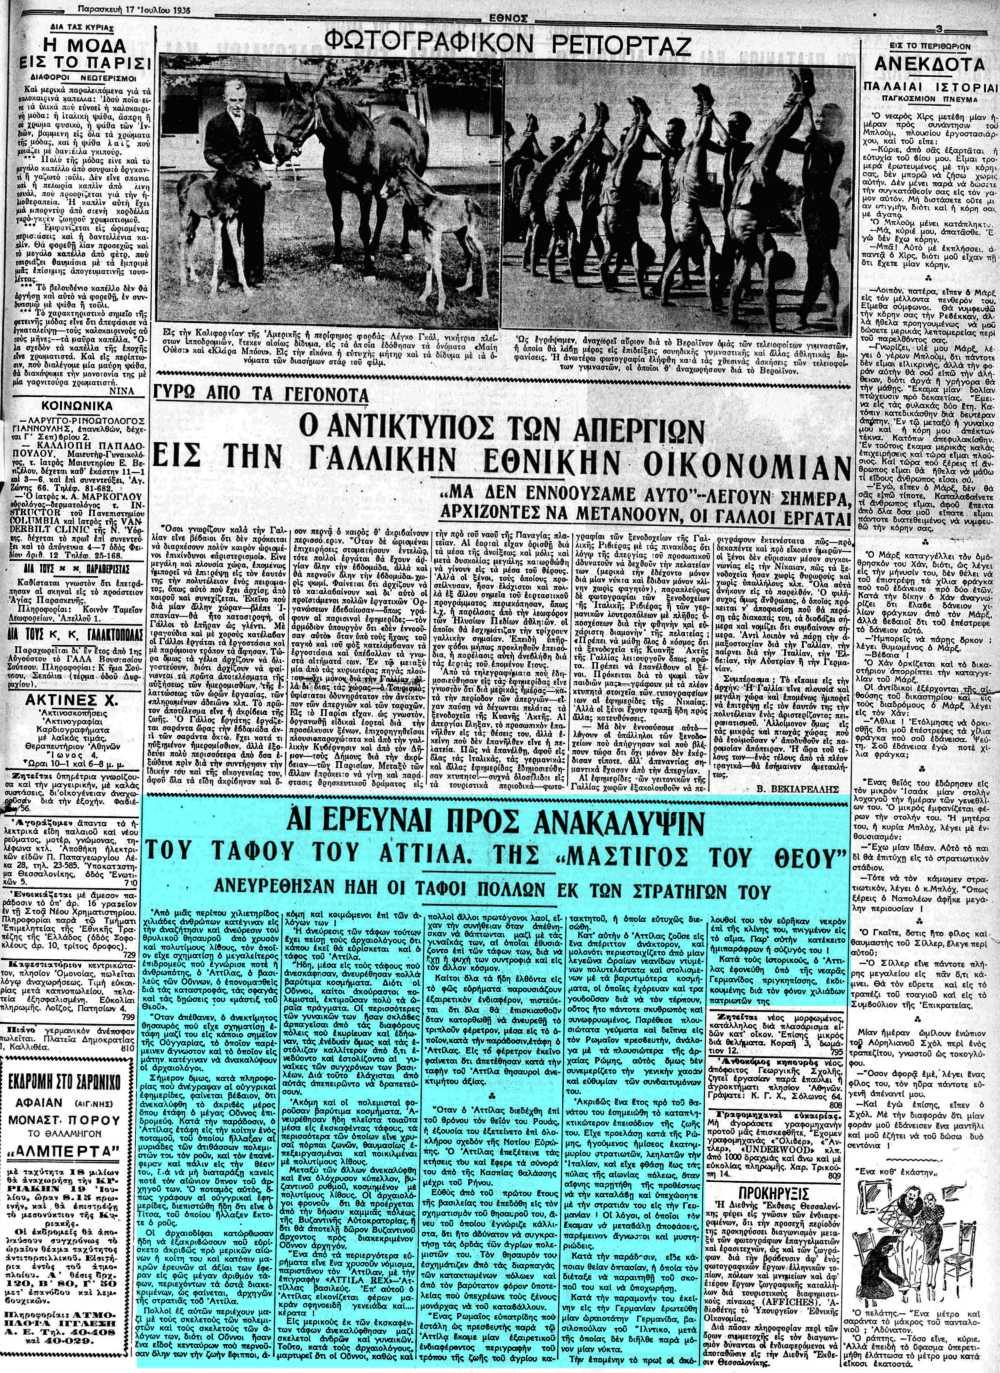 """Το άρθρο, όπως δημοσιεύθηκε στην εφημερίδα """"ΕΘΝΟΣ"""", στις 17/07/1936"""